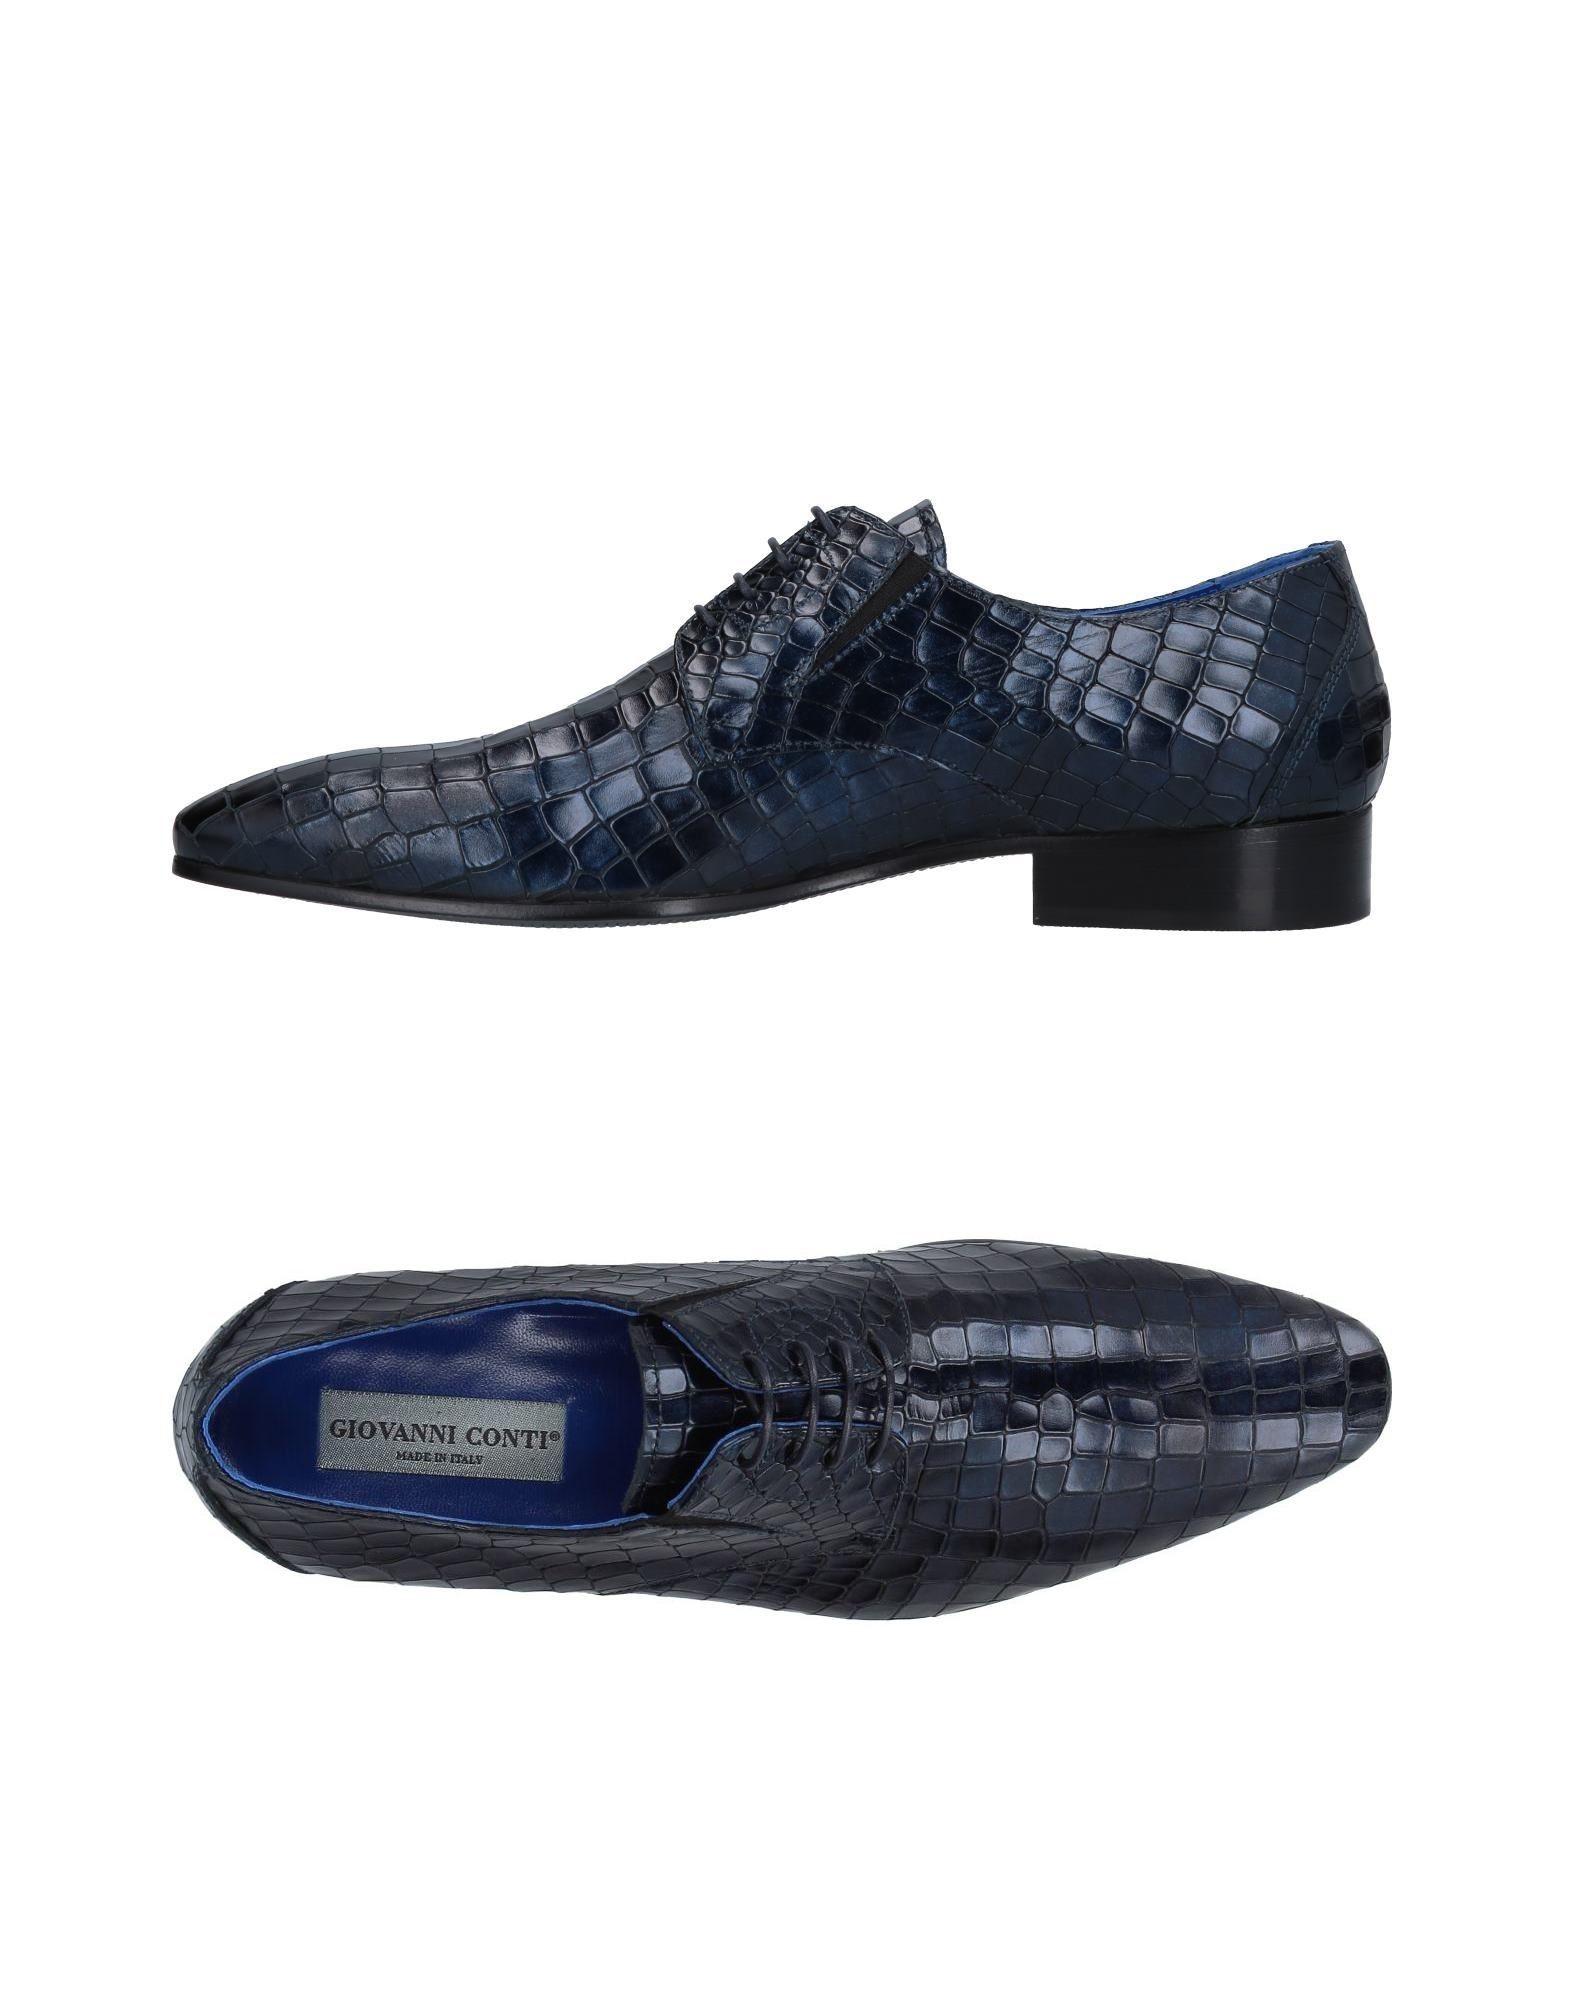 Giovanni Conti Schnürschuhe Herren  11412526AC Gute Qualität beliebte Schuhe